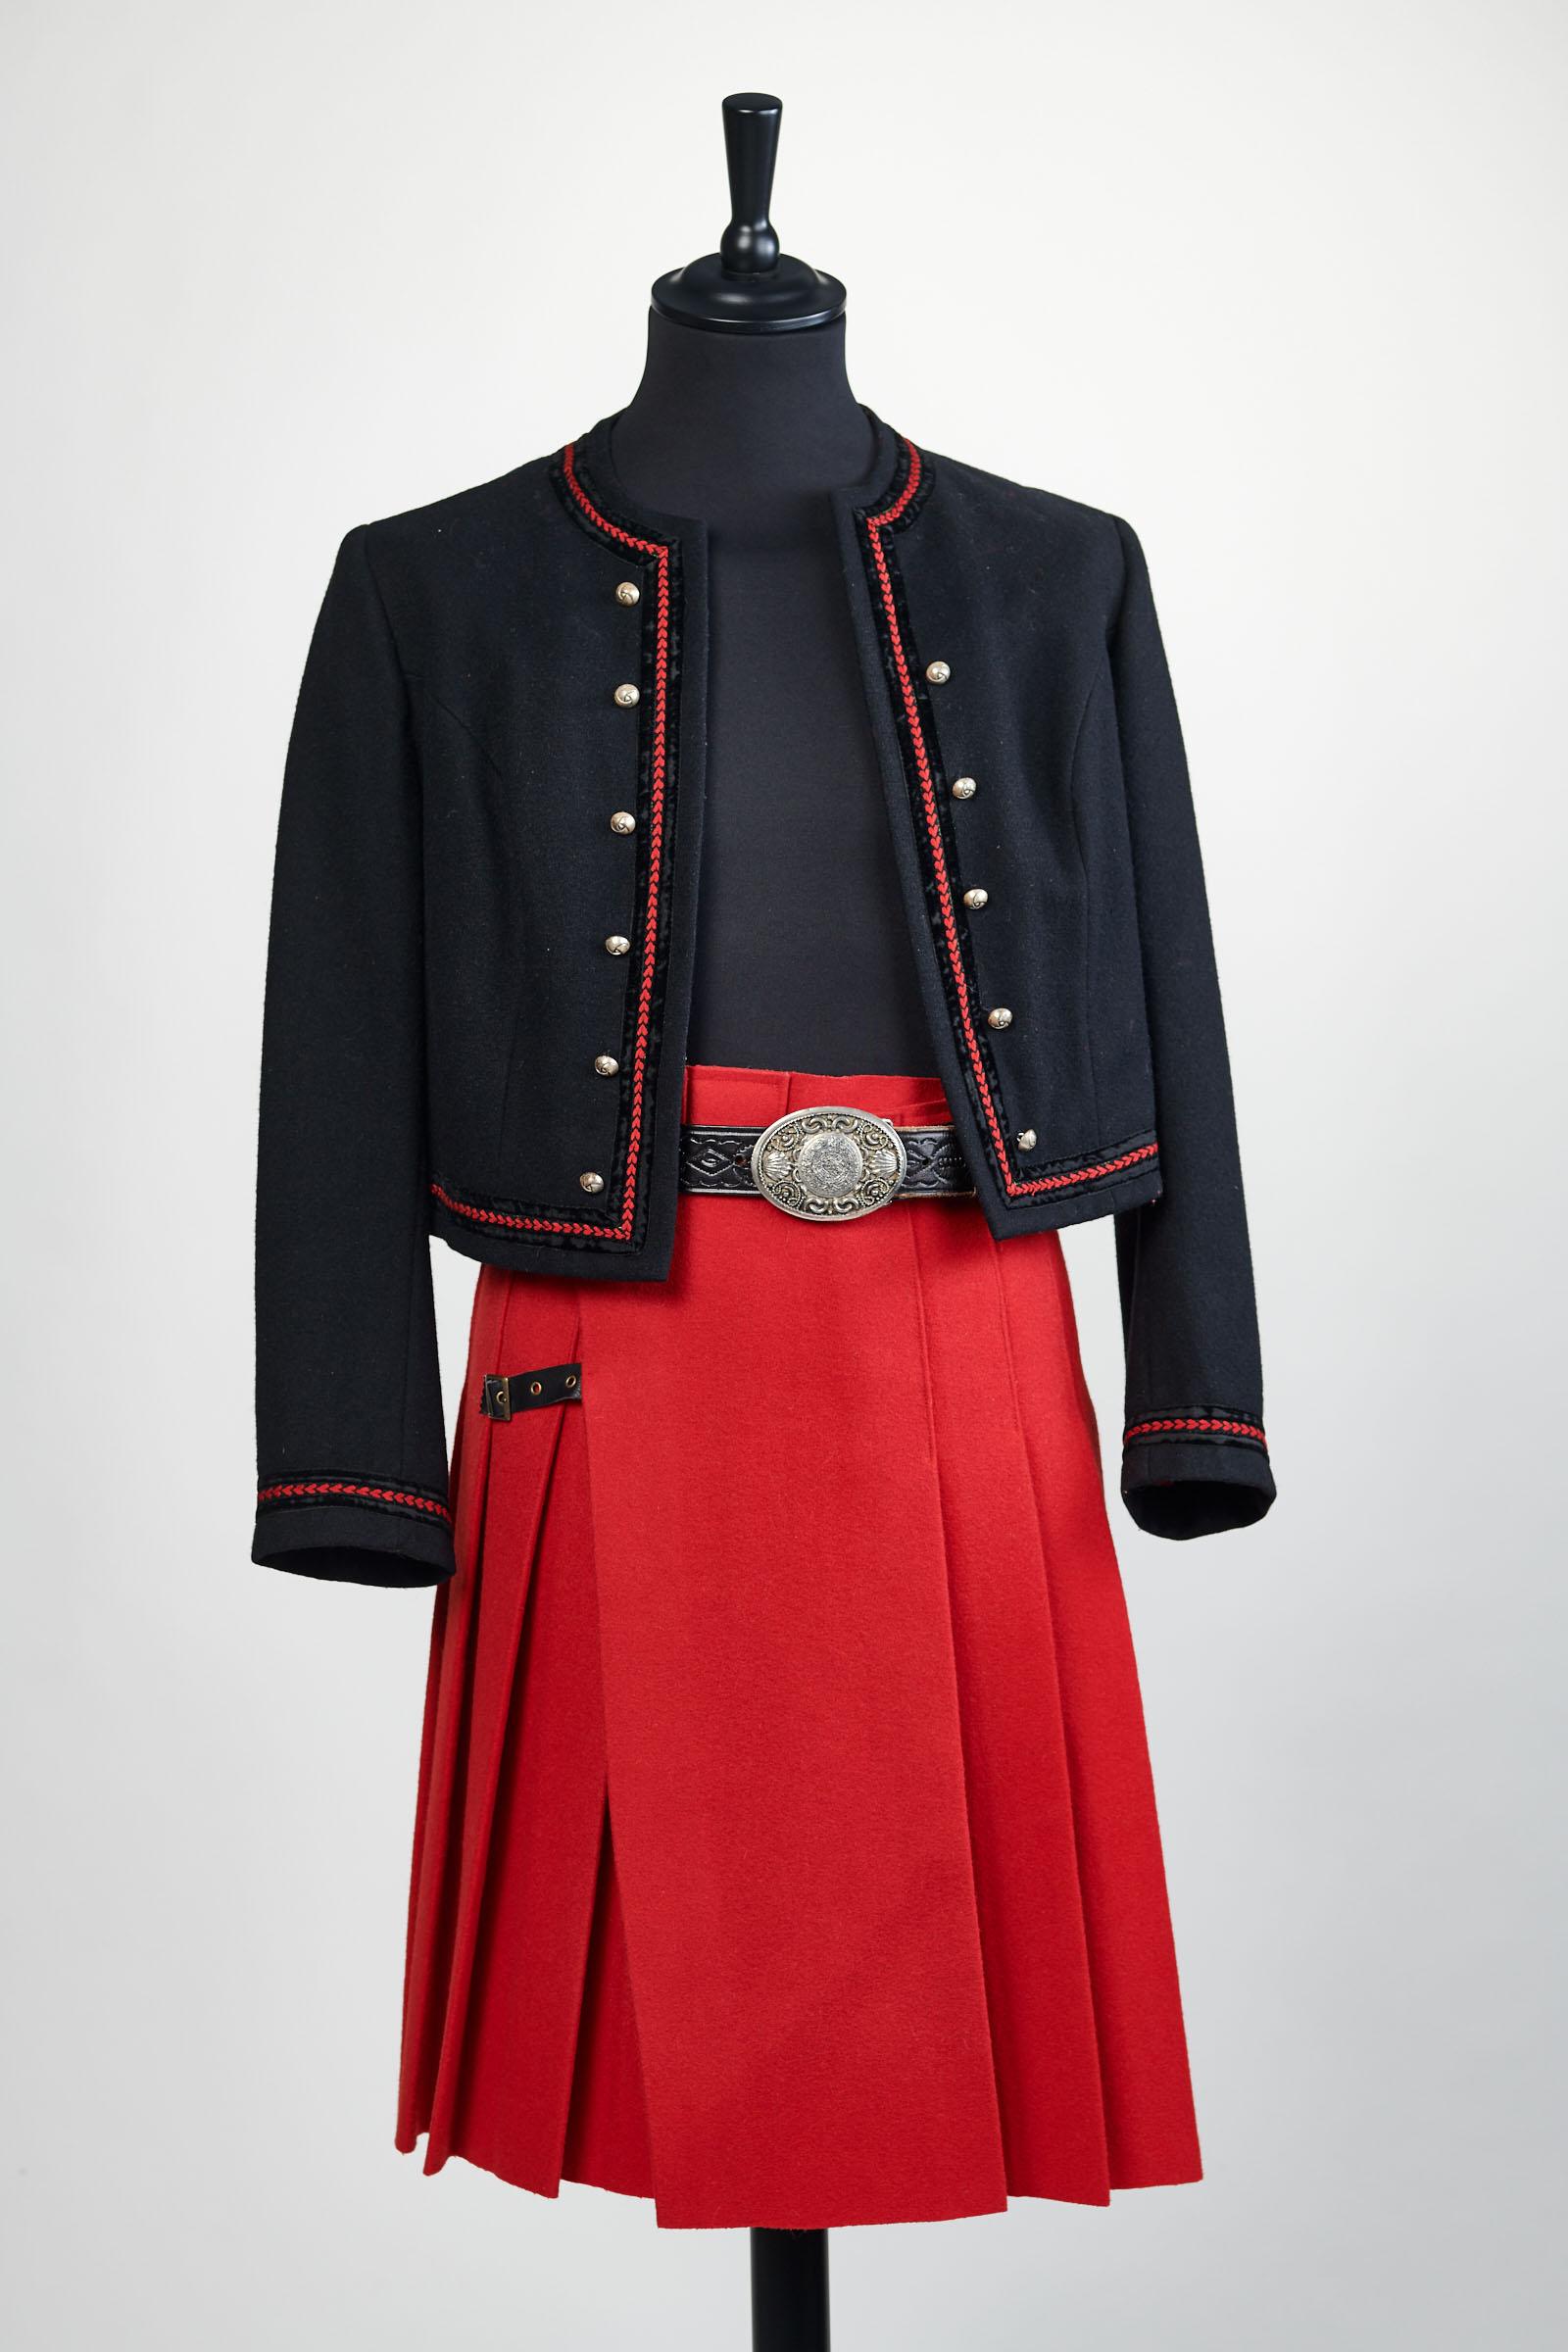 création christine jegadenkilt rouge porté avec ceinture et boucle celtique